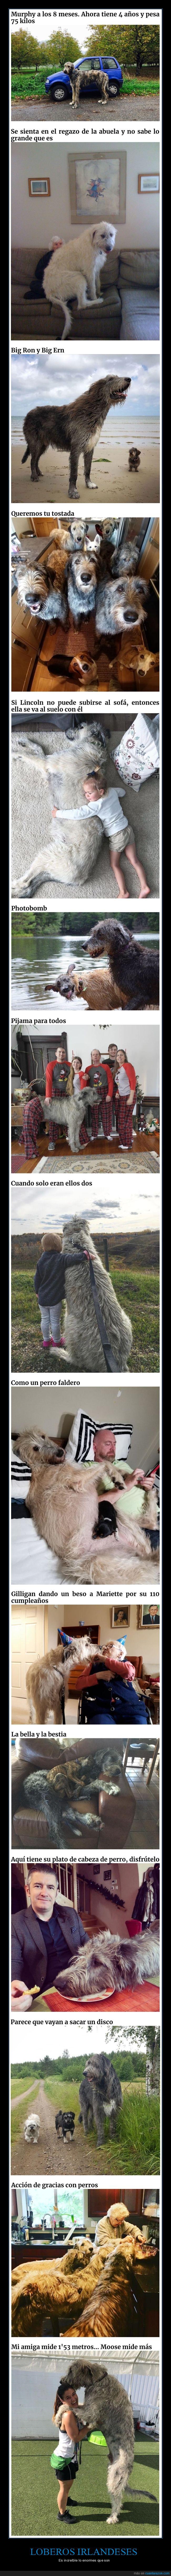 gigantes,loberos irlandeses,perros